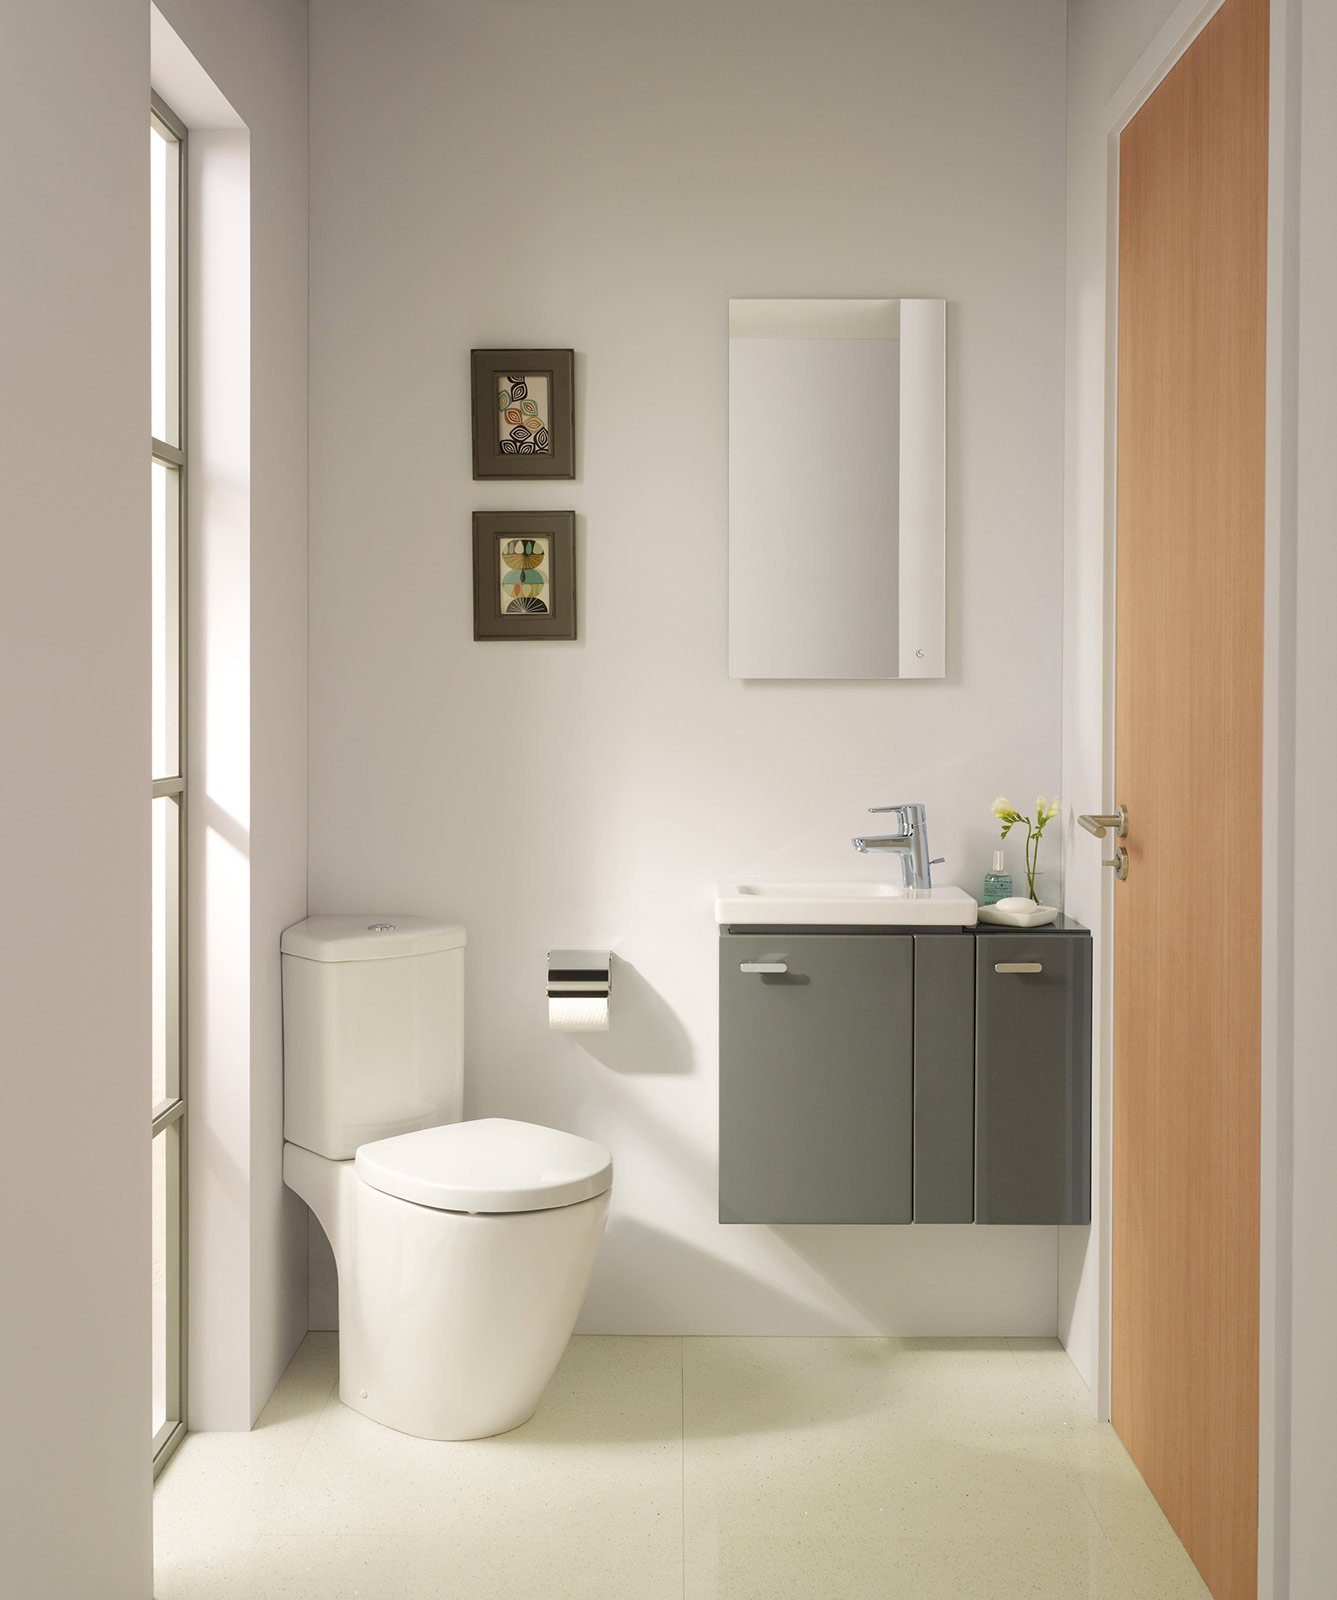 Bagno piccolo soluzioni piccole cose di casa - Bagno piccolissimo in camera ...